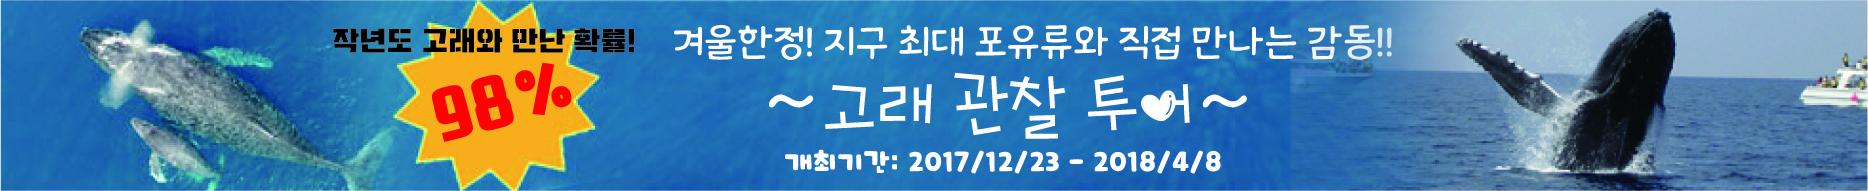 <!--:zh:-->强大的观鲸在冲绳!期间接待20167-2018오키나와에서 박력의 고래! 2017 ~ 2018 접수 중